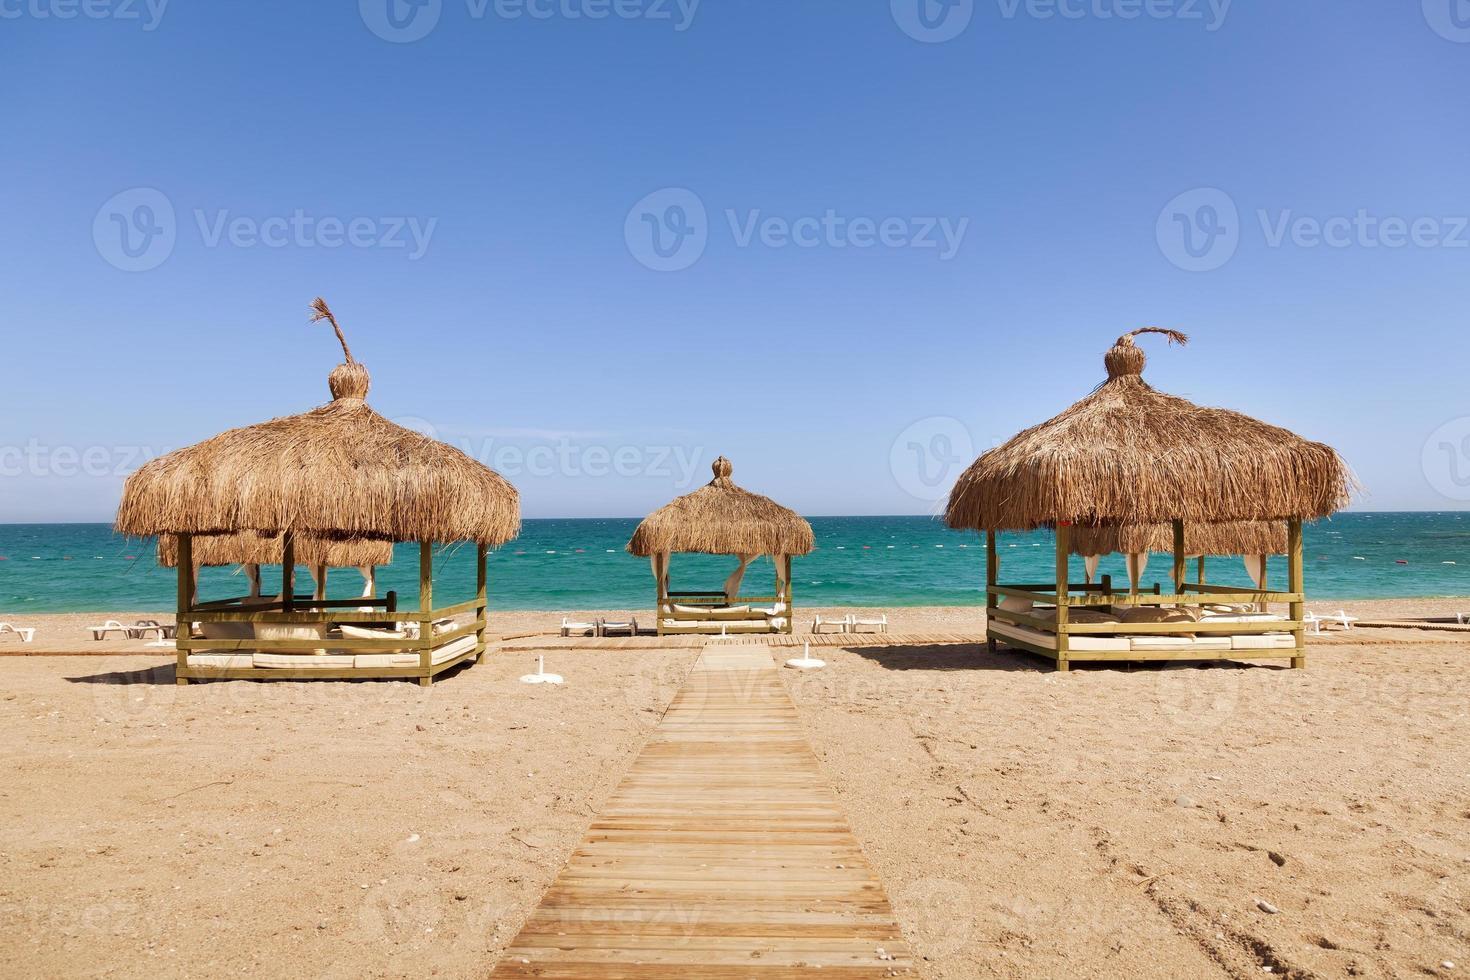 strand lounge på stranden foto